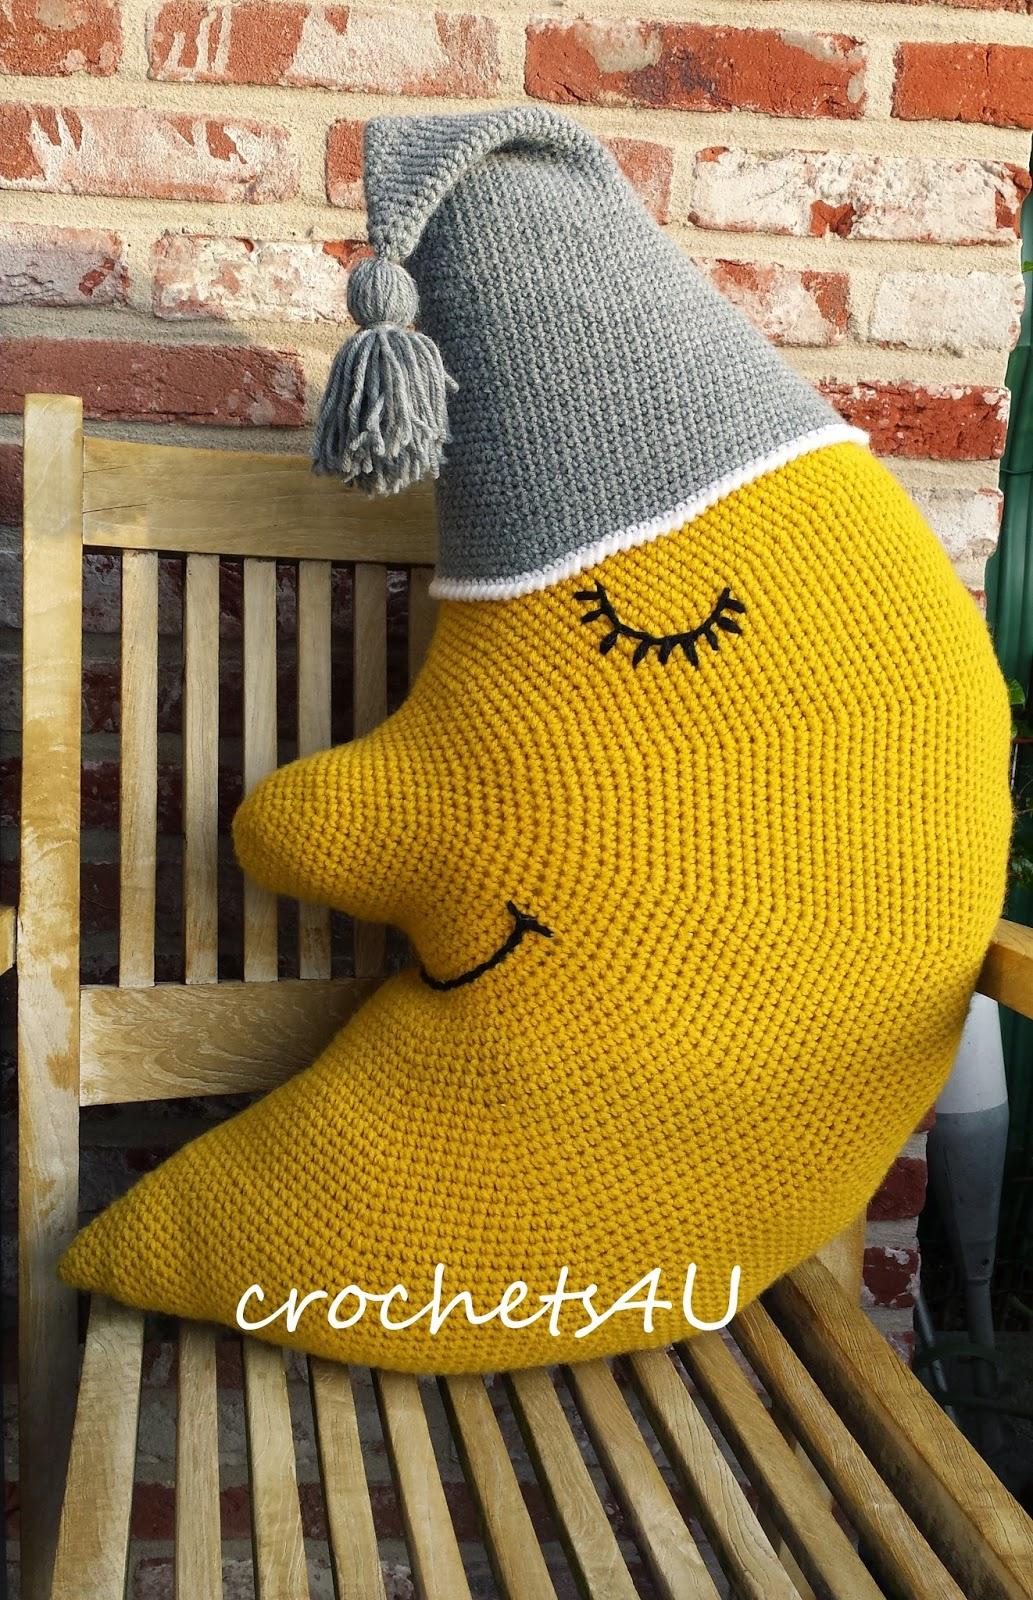 Crochets4u Maan Haken